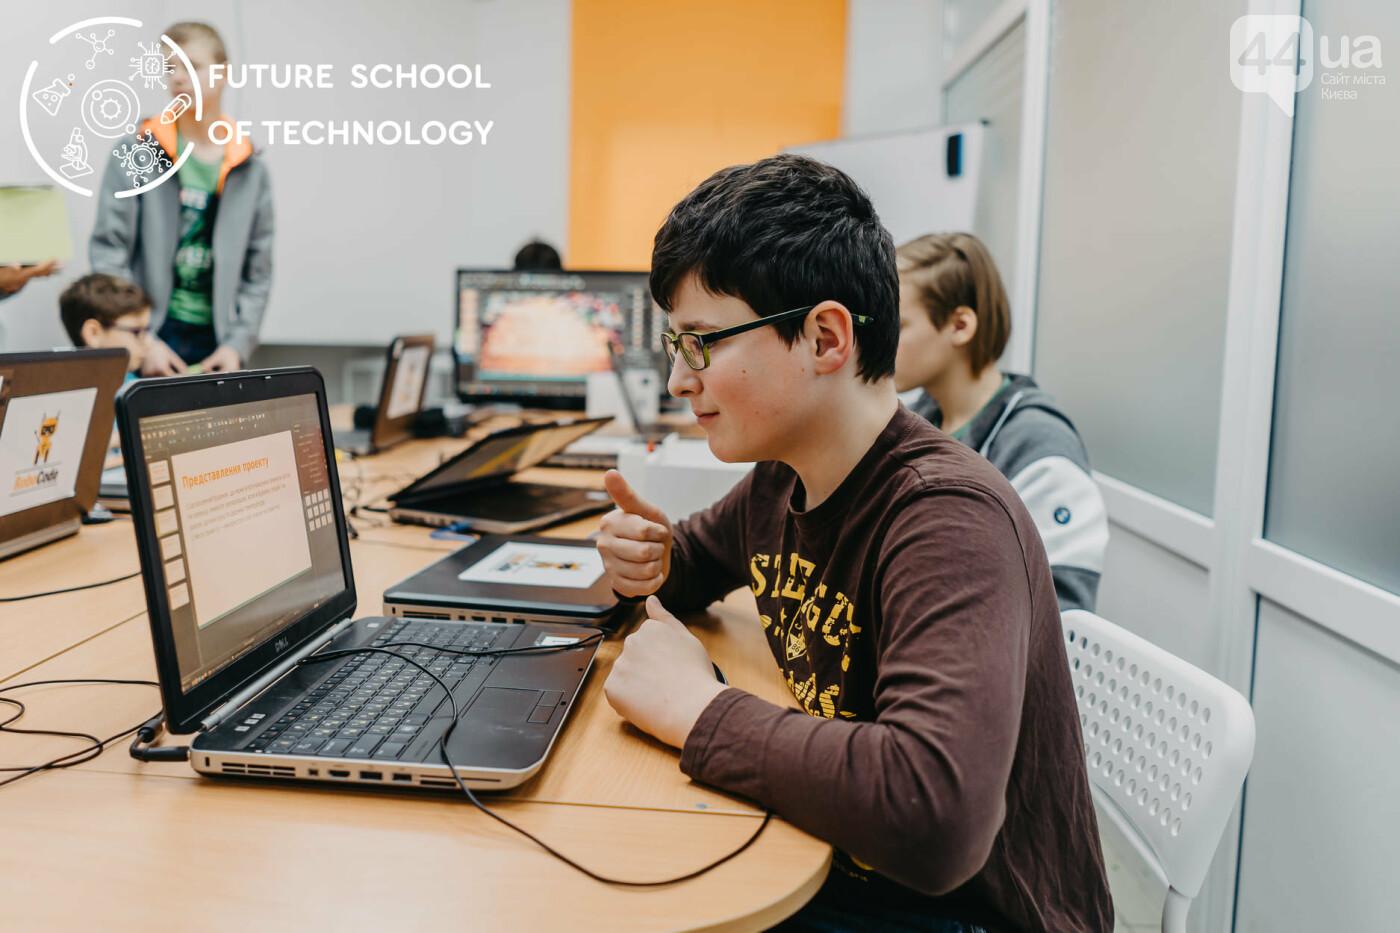 Future School of Technology – школа нового формата, где уже сегодня дают знания, которые понадобятся завтра, фото-1